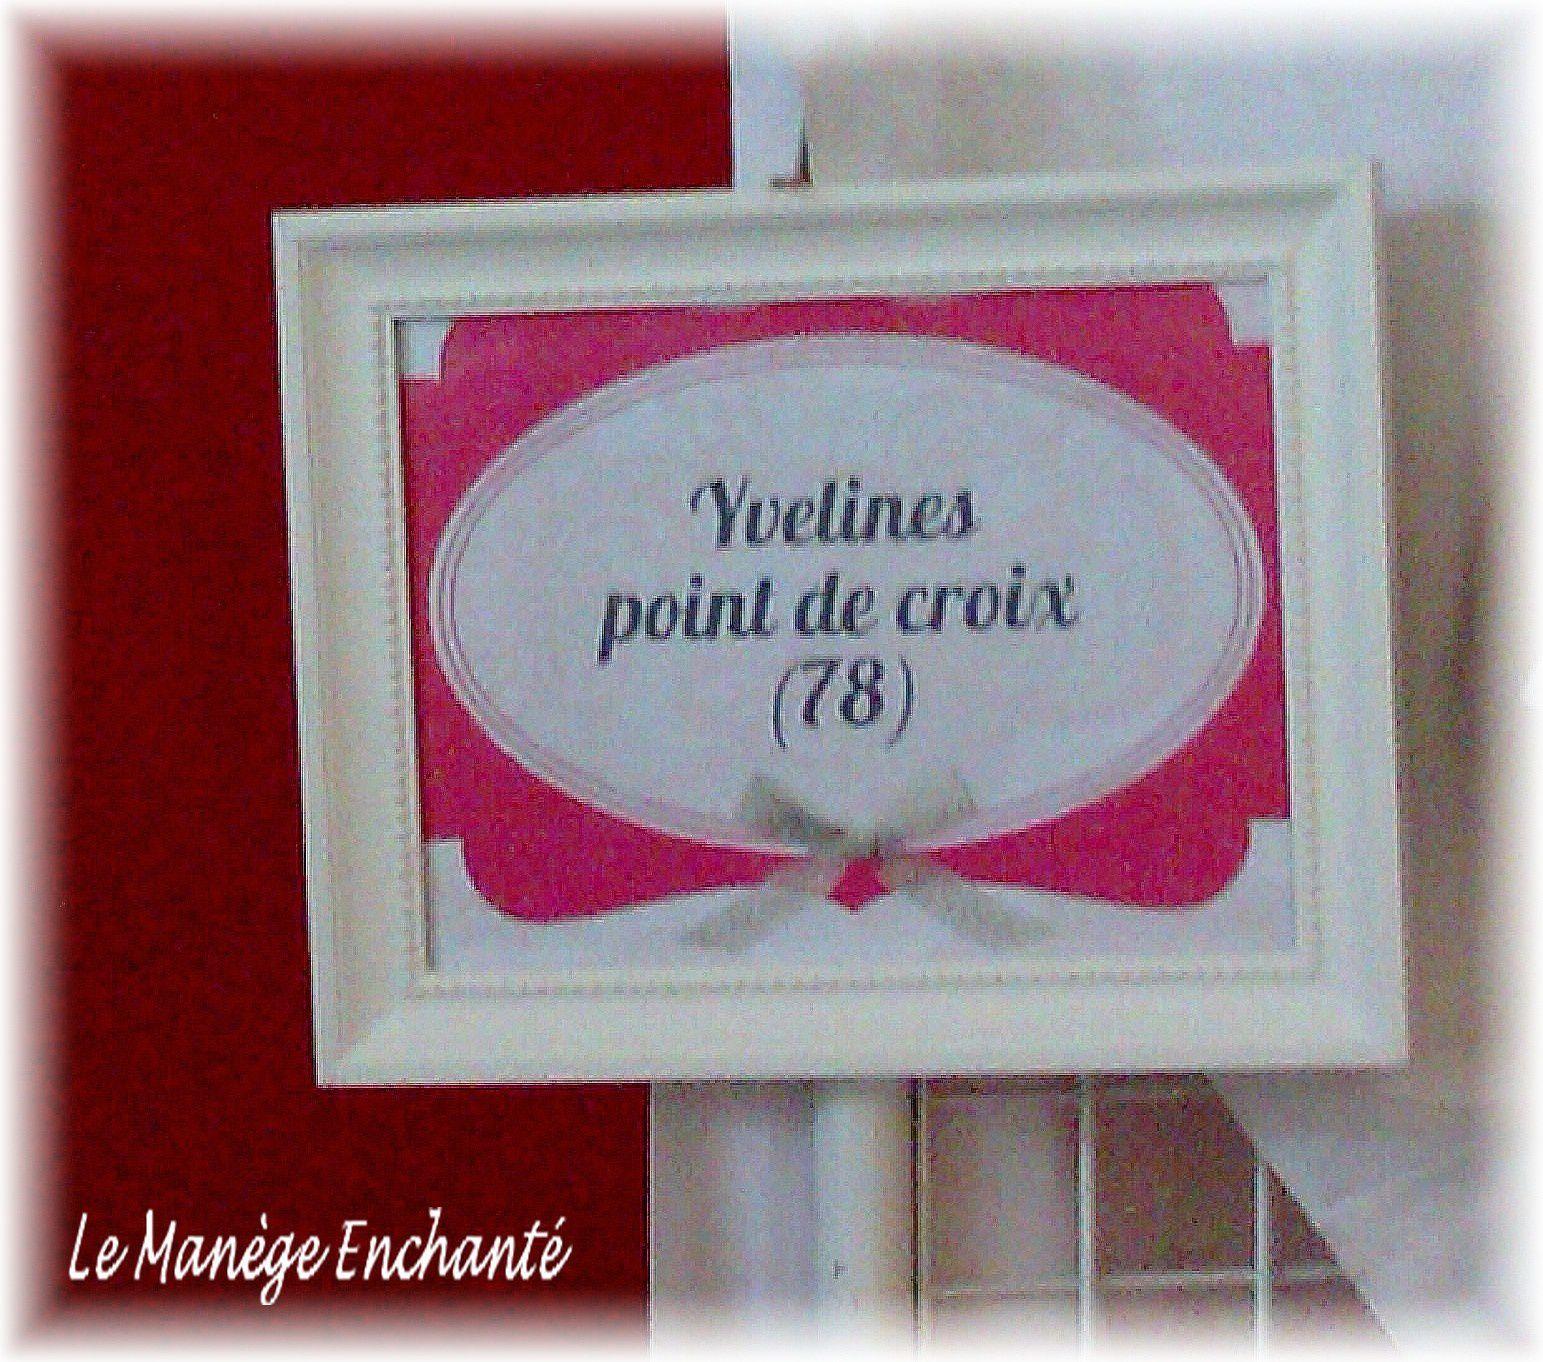 1er Festival de brodeuses en Touraine ...La suite ...